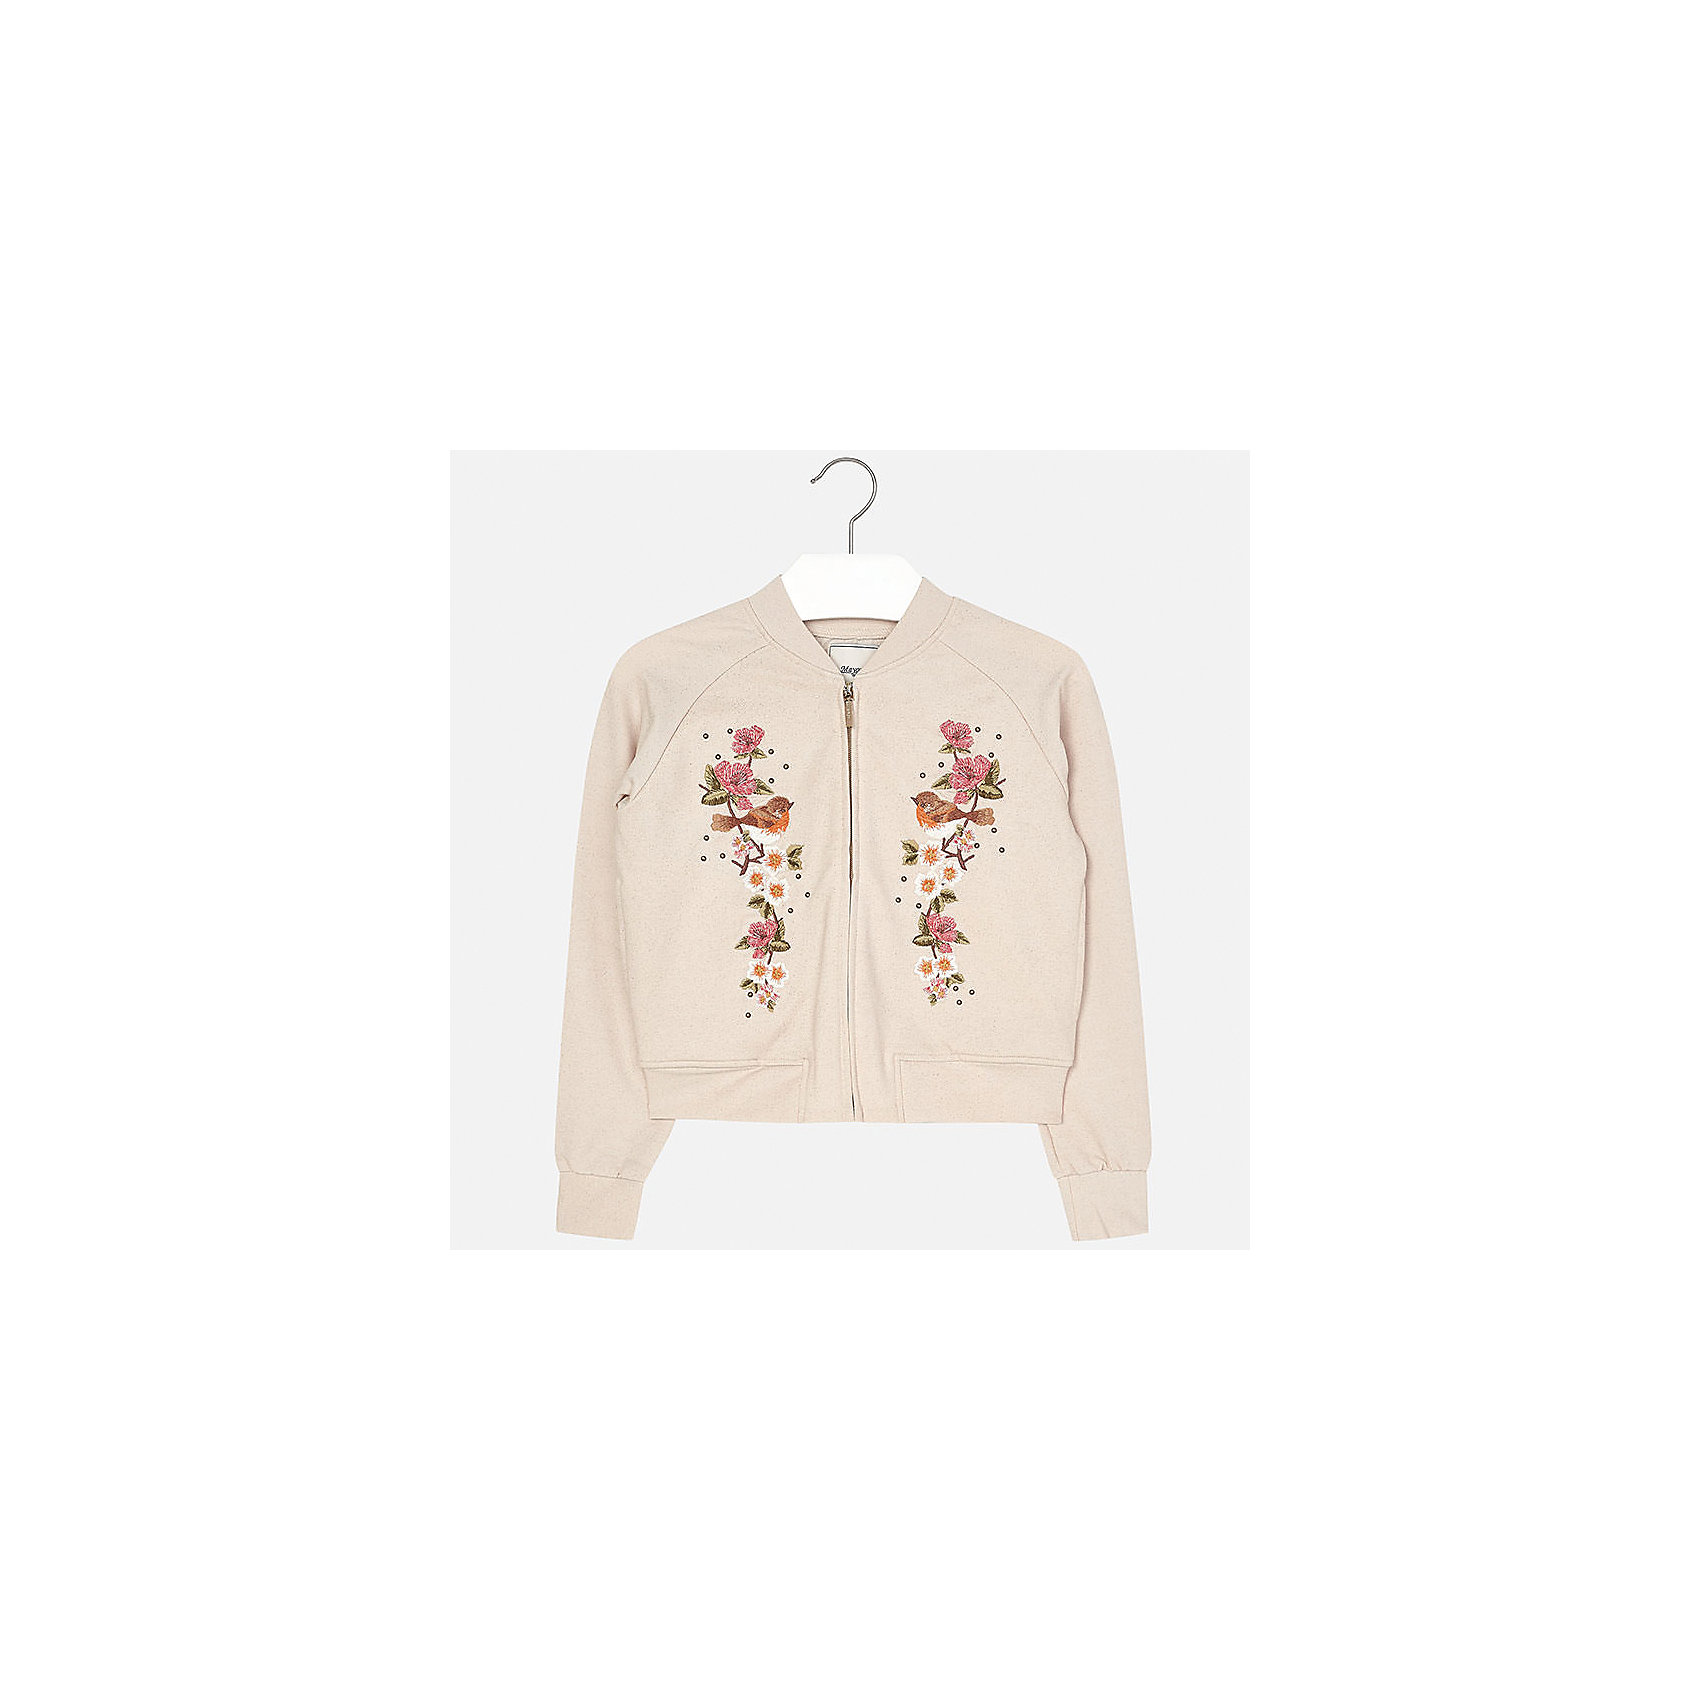 Куртка для девочки MayoralВерхняя одежда<br>Характеристики товара:<br><br>• цвет: бежевый<br>• состав: 95% хлопок, 5% эластан<br>• молния<br>• манжеты<br>• длинные рукава<br>• украшена принтом<br>• страна бренда: Испания<br><br>Очень стильная куртка для девочки поможет разнообразить гардероб ребенка и украсить наряд. Он отлично сочетается и с юбками, и с брюками. Универсальный цвет позволяет подобрать к вещи низ различных расцветок. Интересная отделка модели делает её нарядной и оригинальной.<br><br>Одежда, обувь и аксессуары от испанского бренда Mayoral полюбились детям и взрослым по всему миру. Модели этой марки - стильные и удобные. Для их производства используются только безопасные, качественные материалы и фурнитура. Порадуйте ребенка модными и красивыми вещами от Mayoral! <br><br>Куртку для девочки от испанского бренда Mayoral (Майорал) можно купить в нашем интернет-магазине.<br><br>Ширина мм: 356<br>Глубина мм: 10<br>Высота мм: 245<br>Вес г: 519<br>Цвет: бежевый<br>Возраст от месяцев: 84<br>Возраст до месяцев: 96<br>Пол: Женский<br>Возраст: Детский<br>Размер: 128/134,164,140,152,158<br>SKU: 5292898